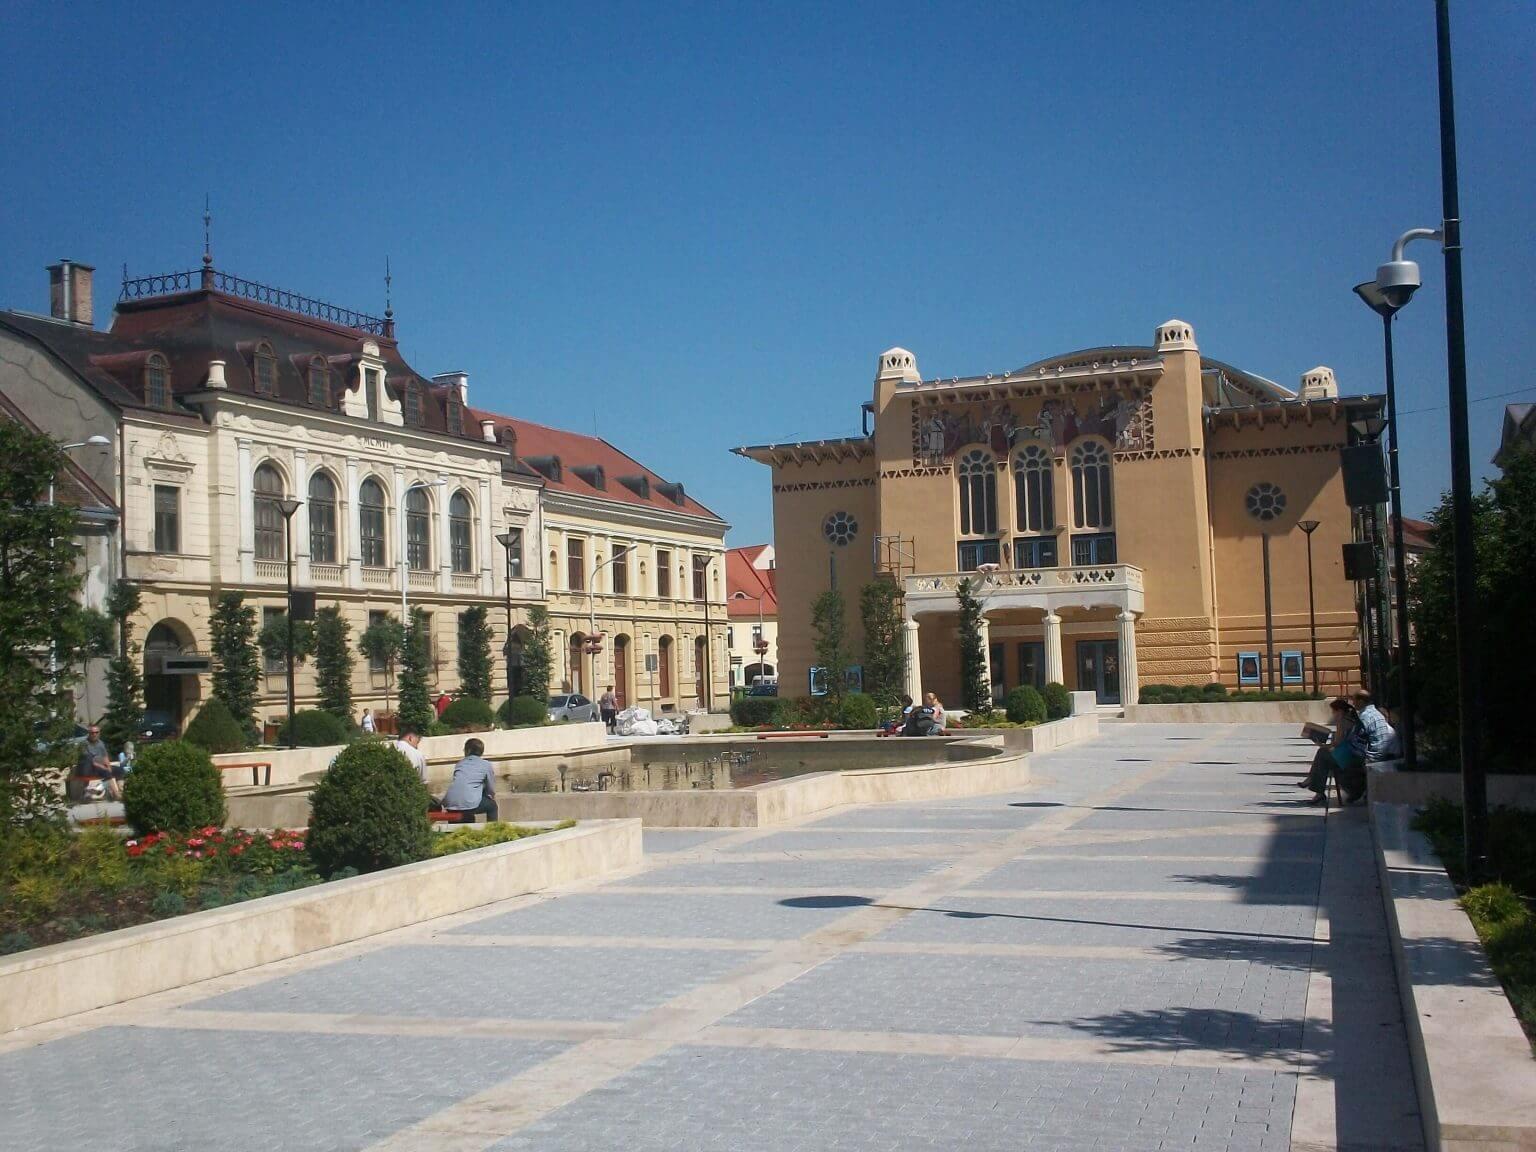 Nyugat felé nyitna? Nézze meg ezt az ikonikus házat Sopronban!